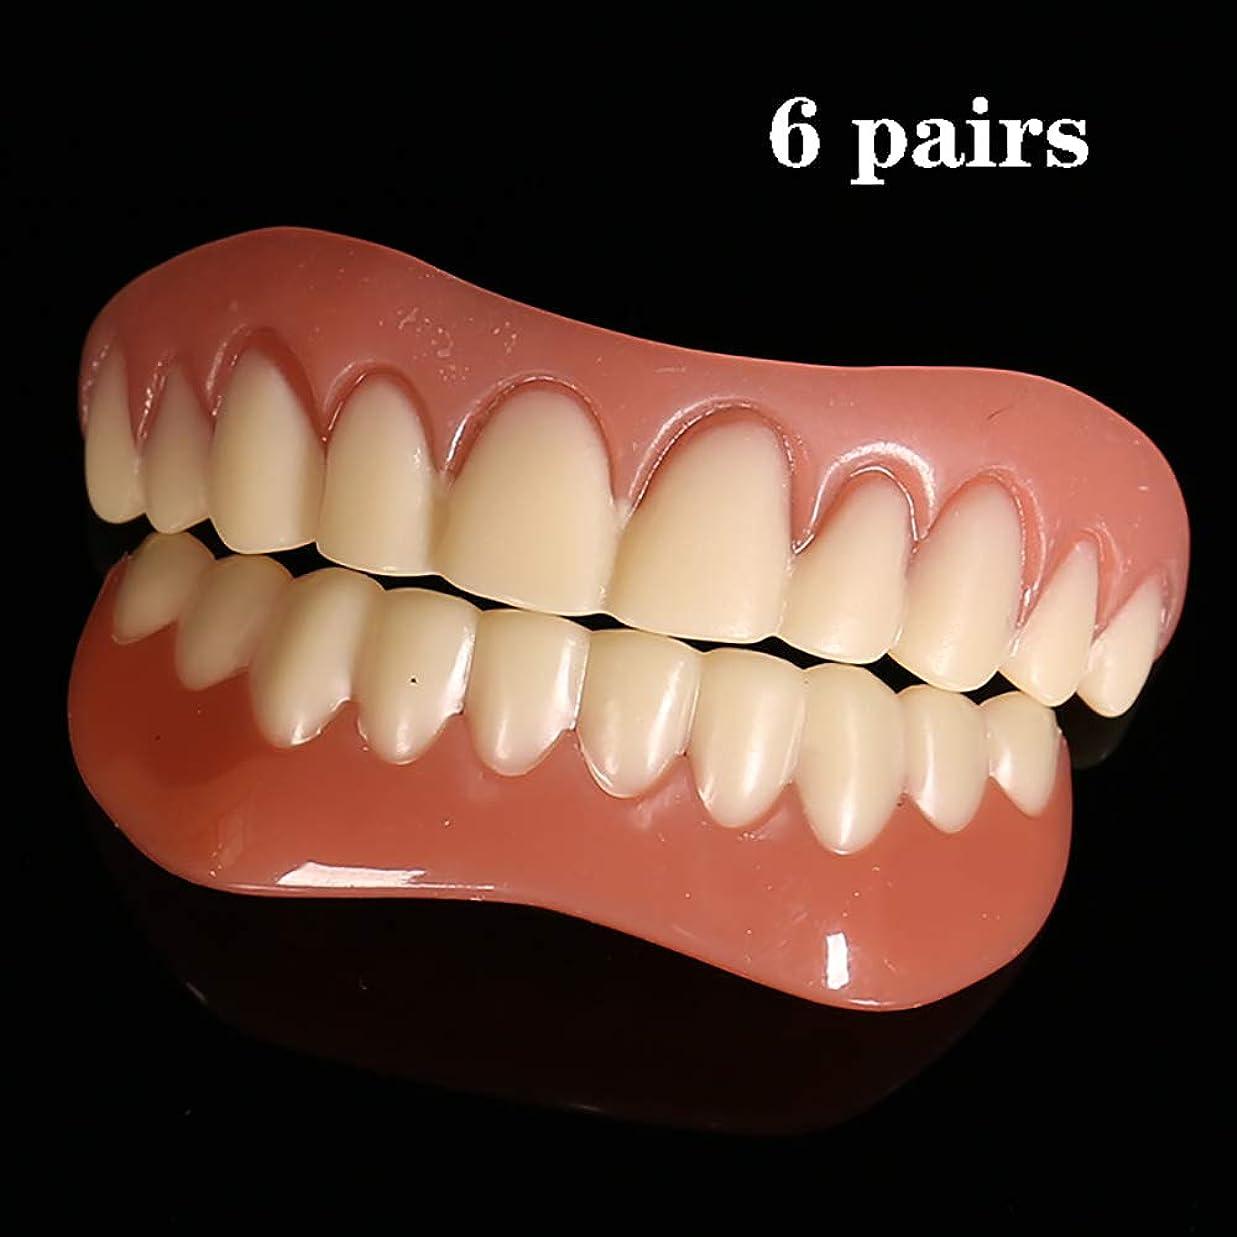 老人学校教育消毒する歯のベニヤ化粧品の歯スナップオンセキュア6ピースアッパー+ 6ピース下コンフォートフィット歯突き板セキュアインスタントスマイル化粧品ワンサイズフィット全ての義歯ケアツール